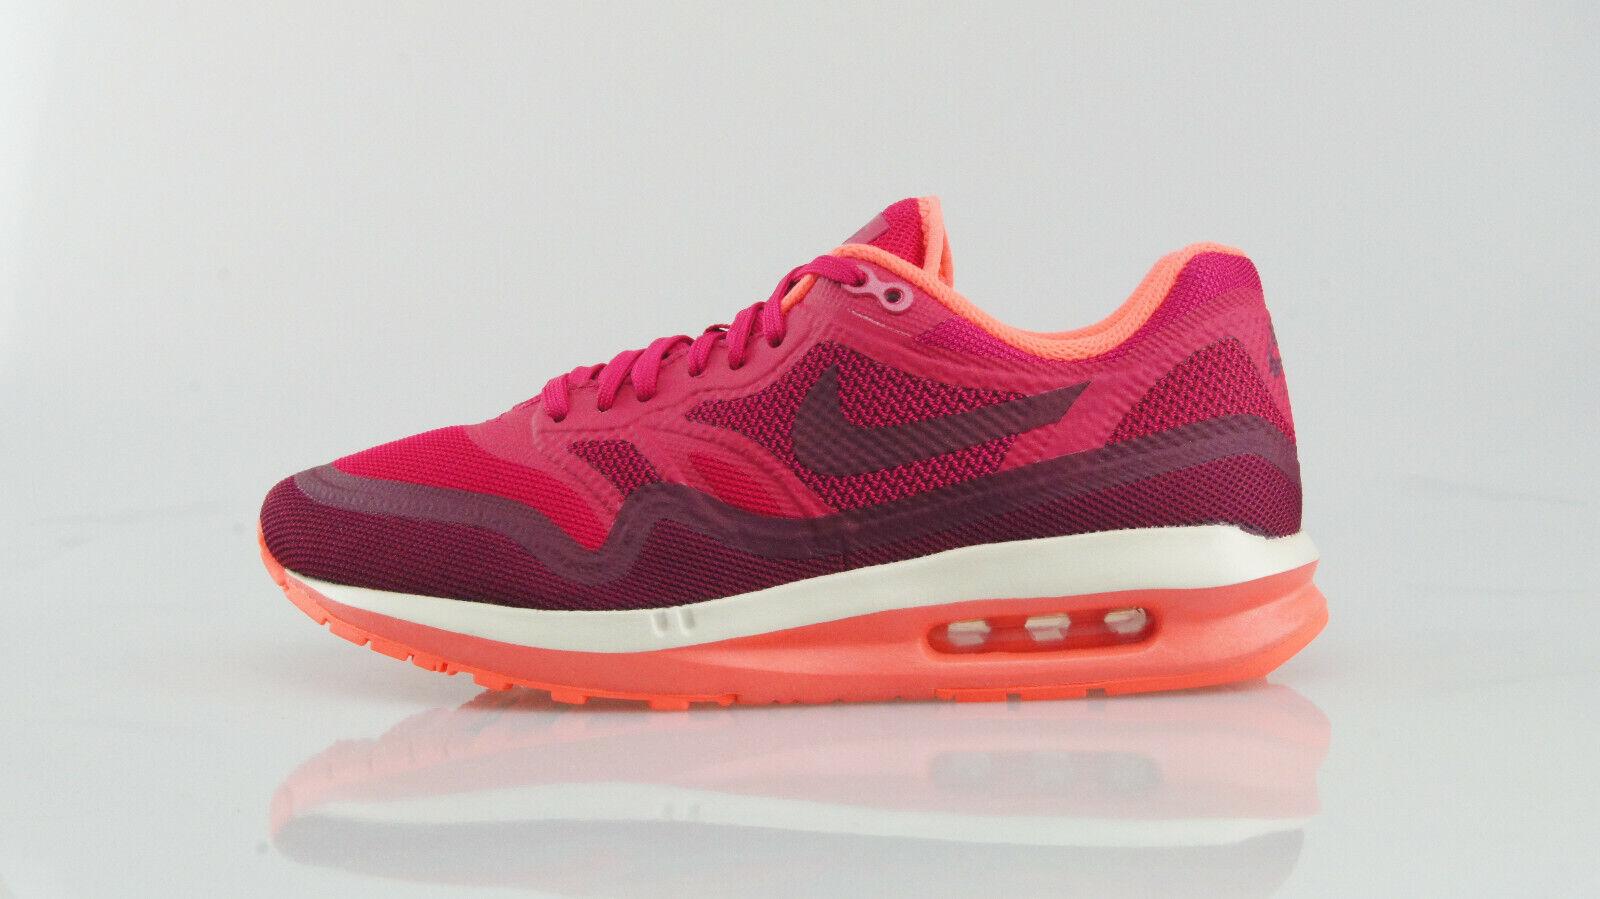 Nike air max lunar 1 size 38,5 (7,5us)